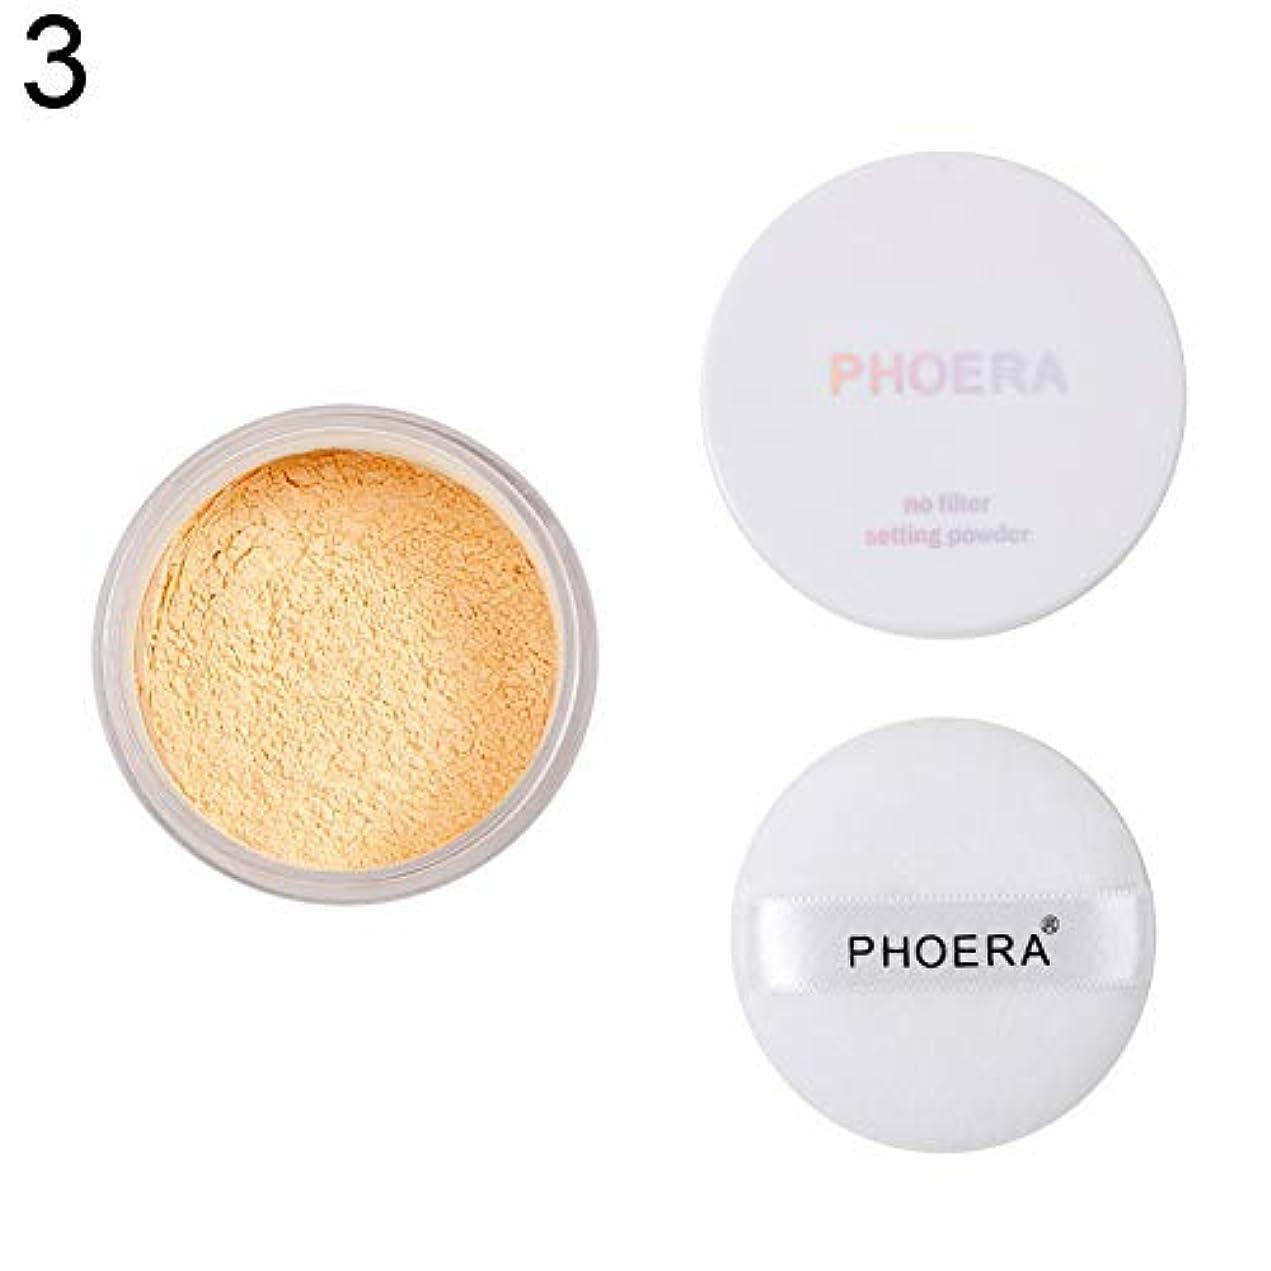 応用不安定な逆PHOERAマットルーズセッティングパウダーオイルコントロールブライトニングスキンフィニッシュ化粧品 - 3